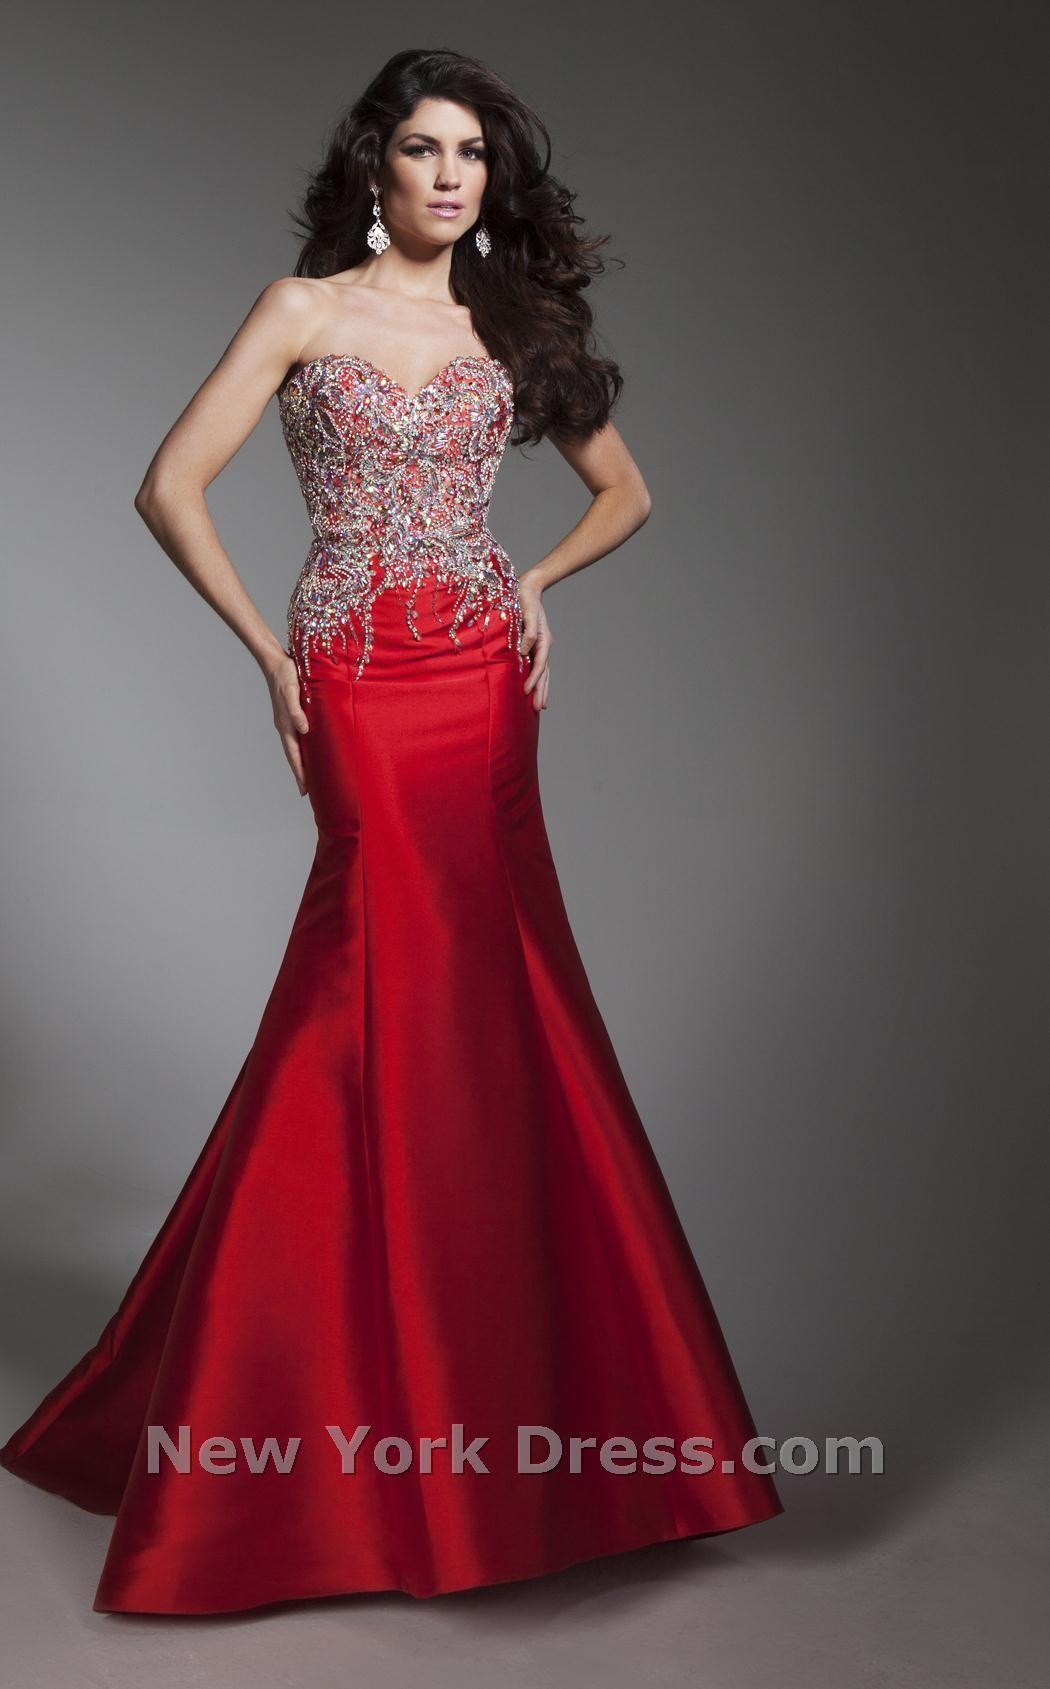 d28d9572045c0 Kırmızı abiye elbise modelleri ve fiyatları | 2015 Abiye elbise modelleri  ve fiyatları